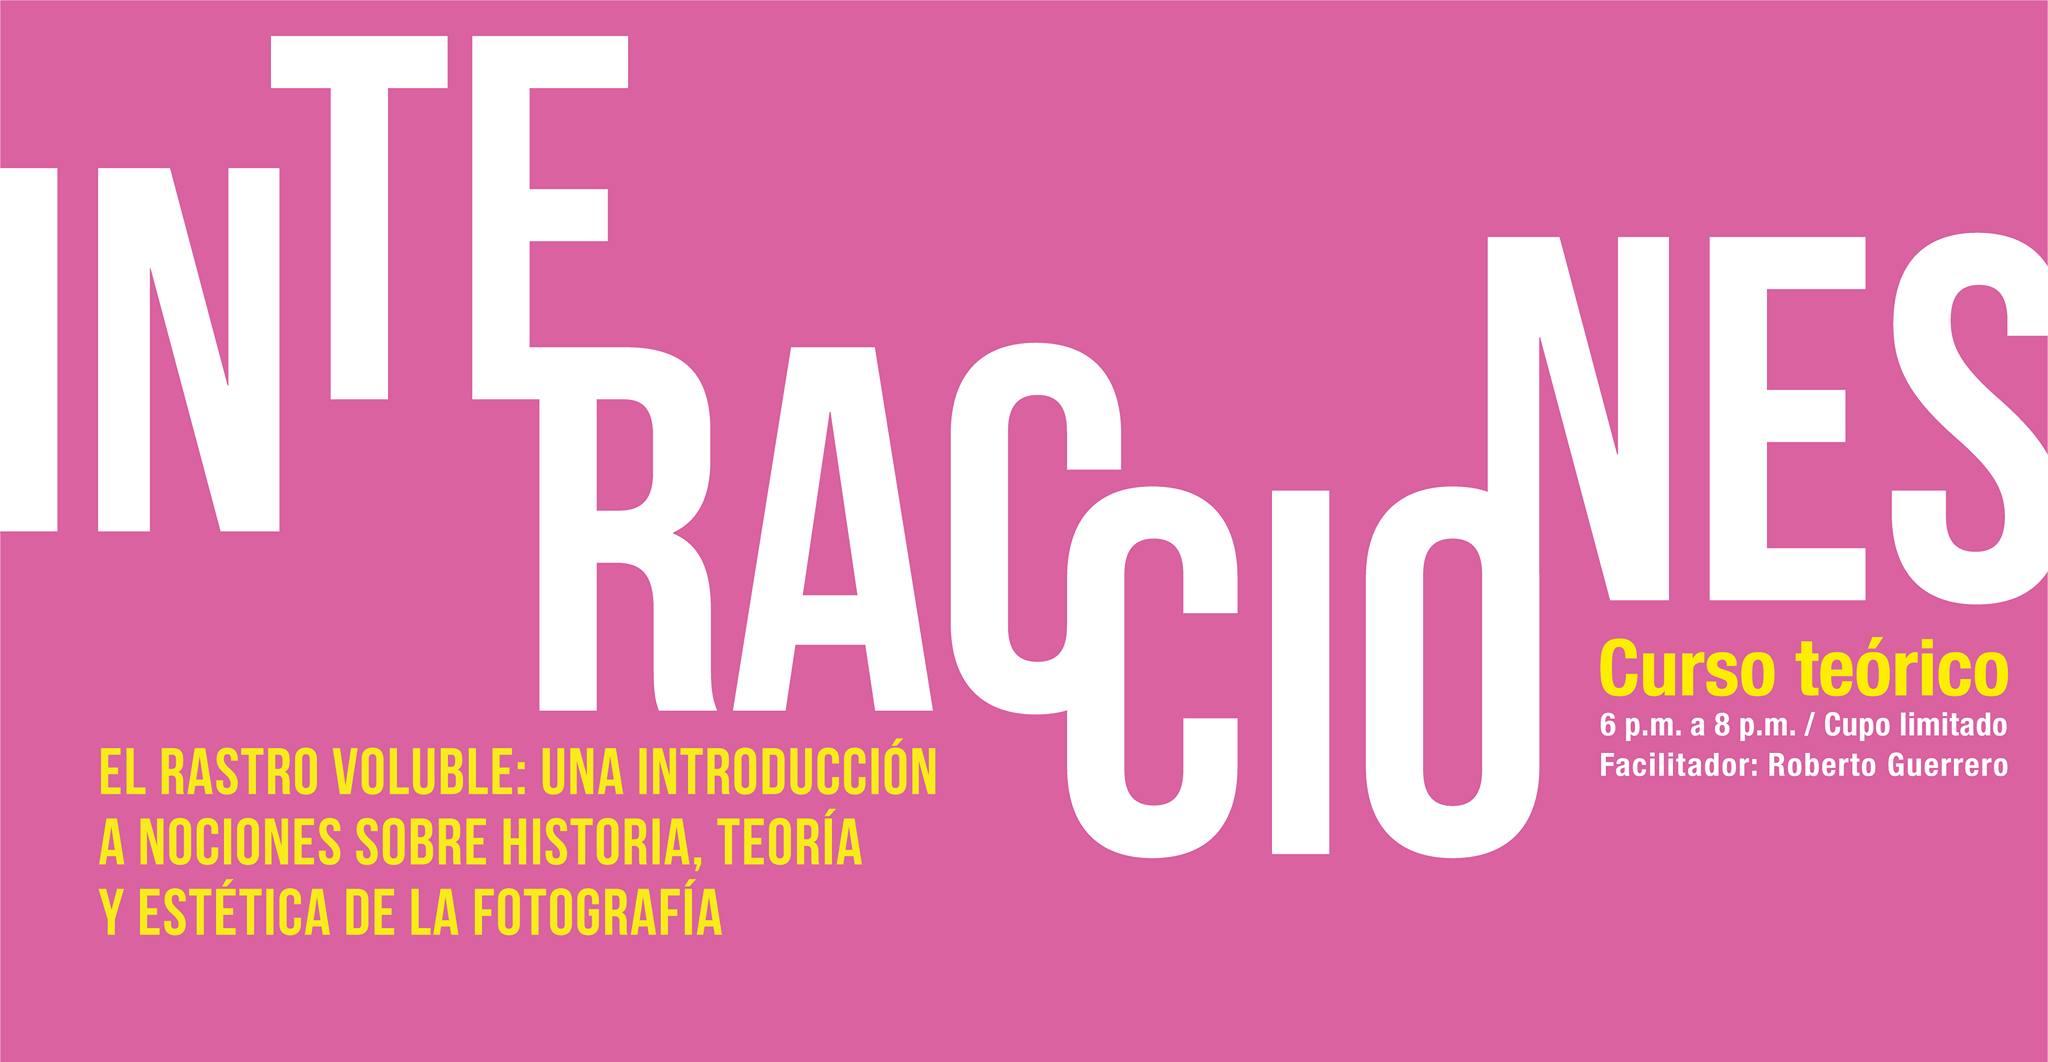 Interacciones. Una introducción a nociones de historia, teoría y estética de la fotografía.